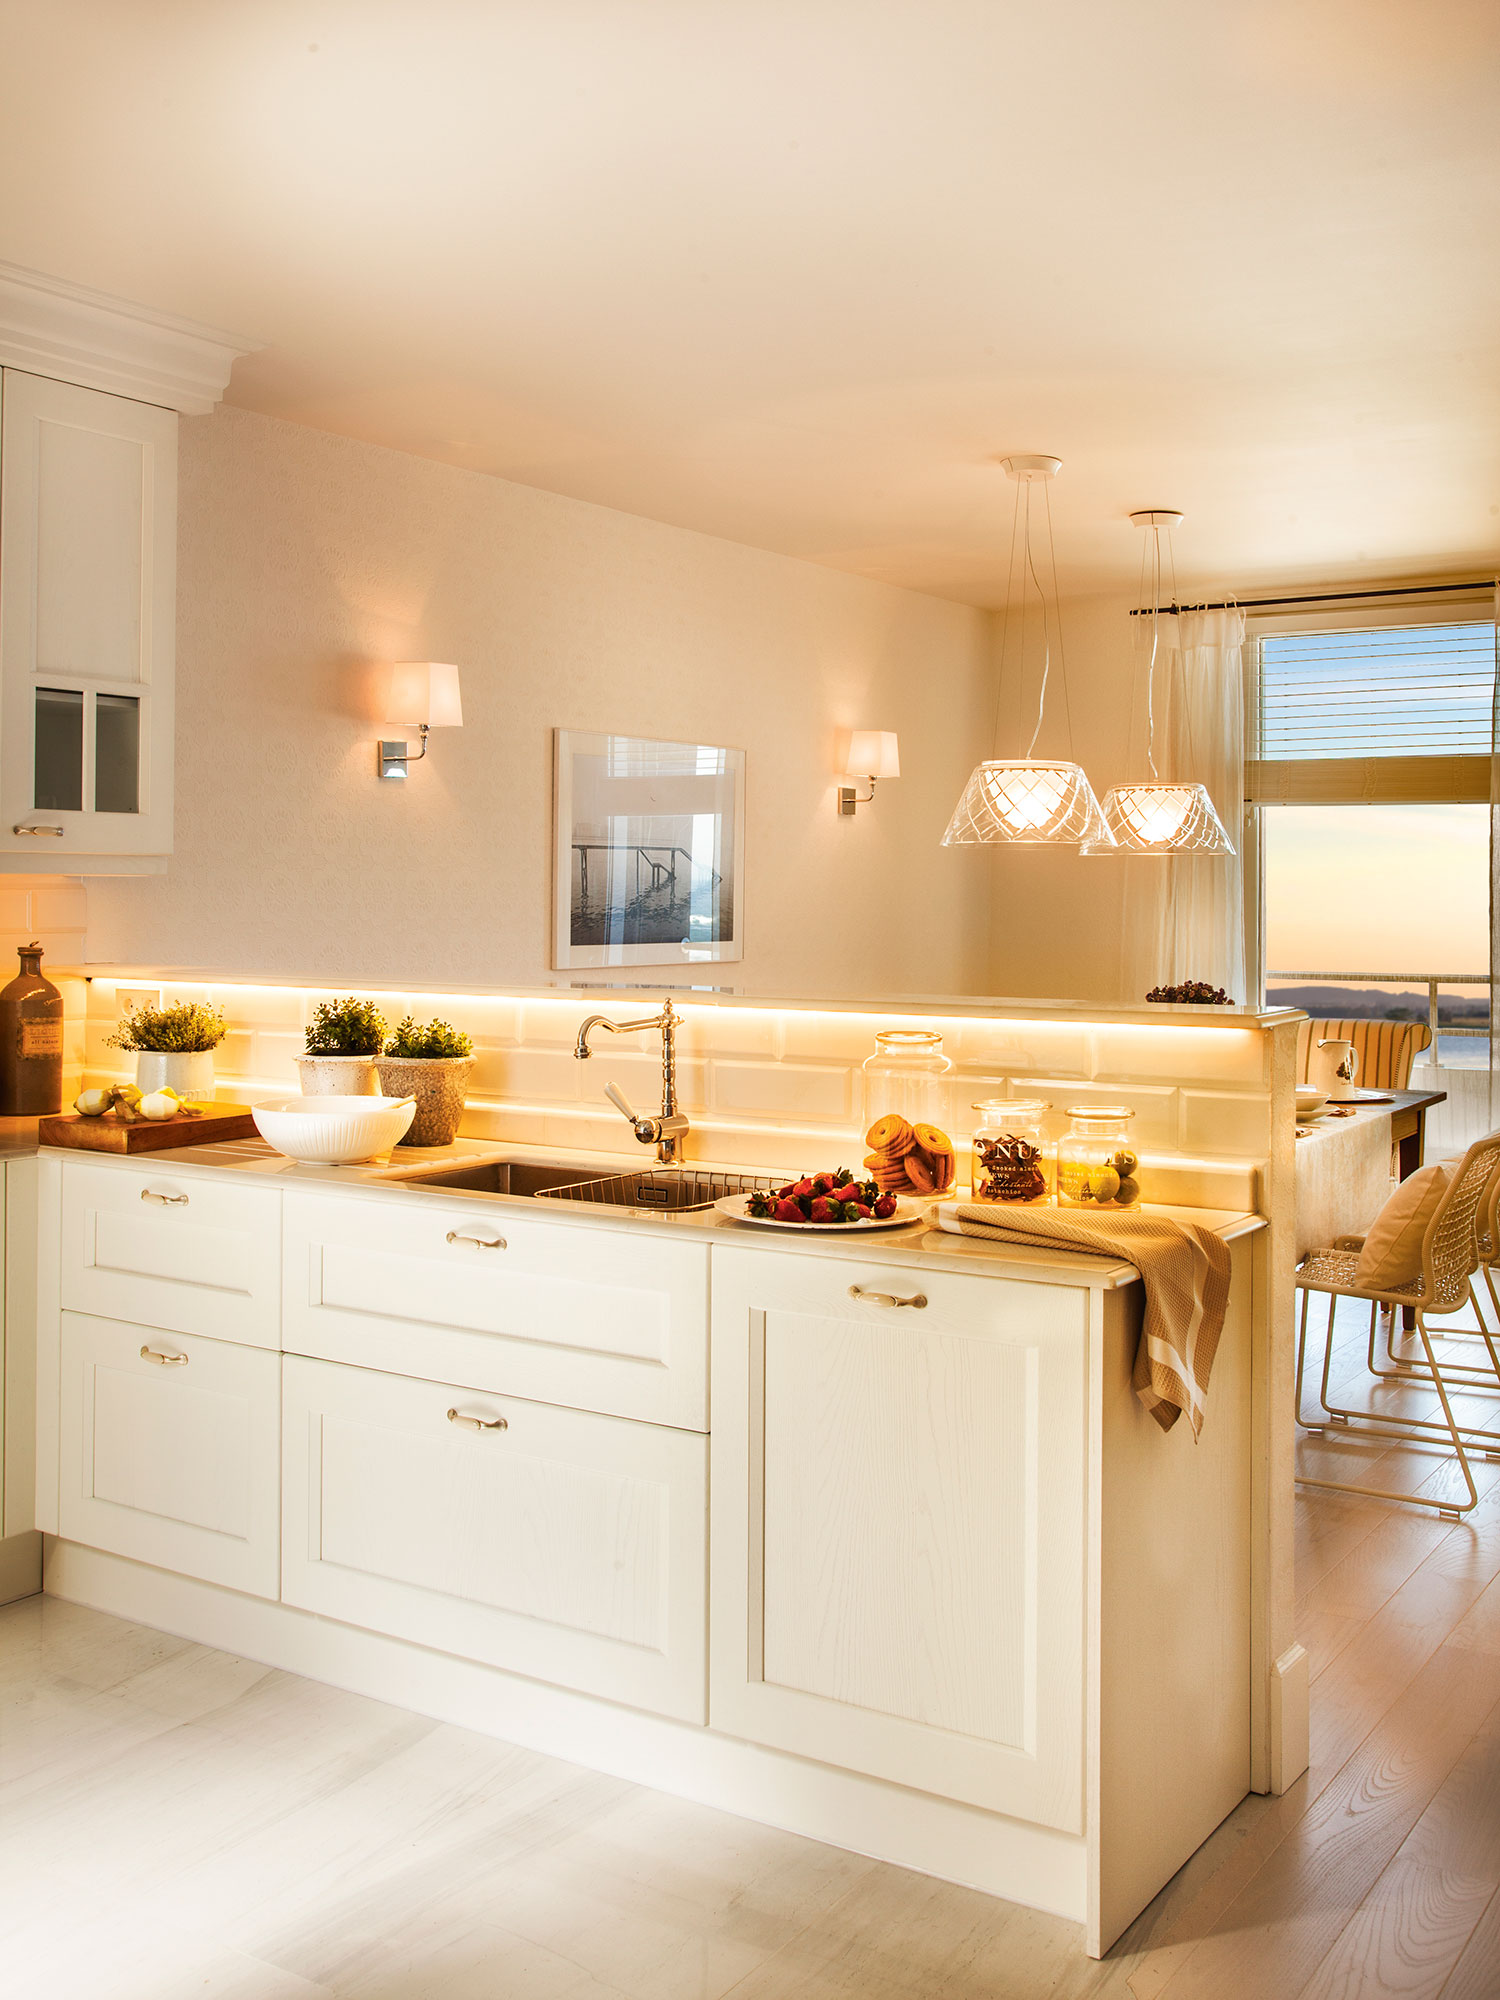 Reformas expr s para renovar tu casa en 48h for Modelo de cocina abierta en el comedor